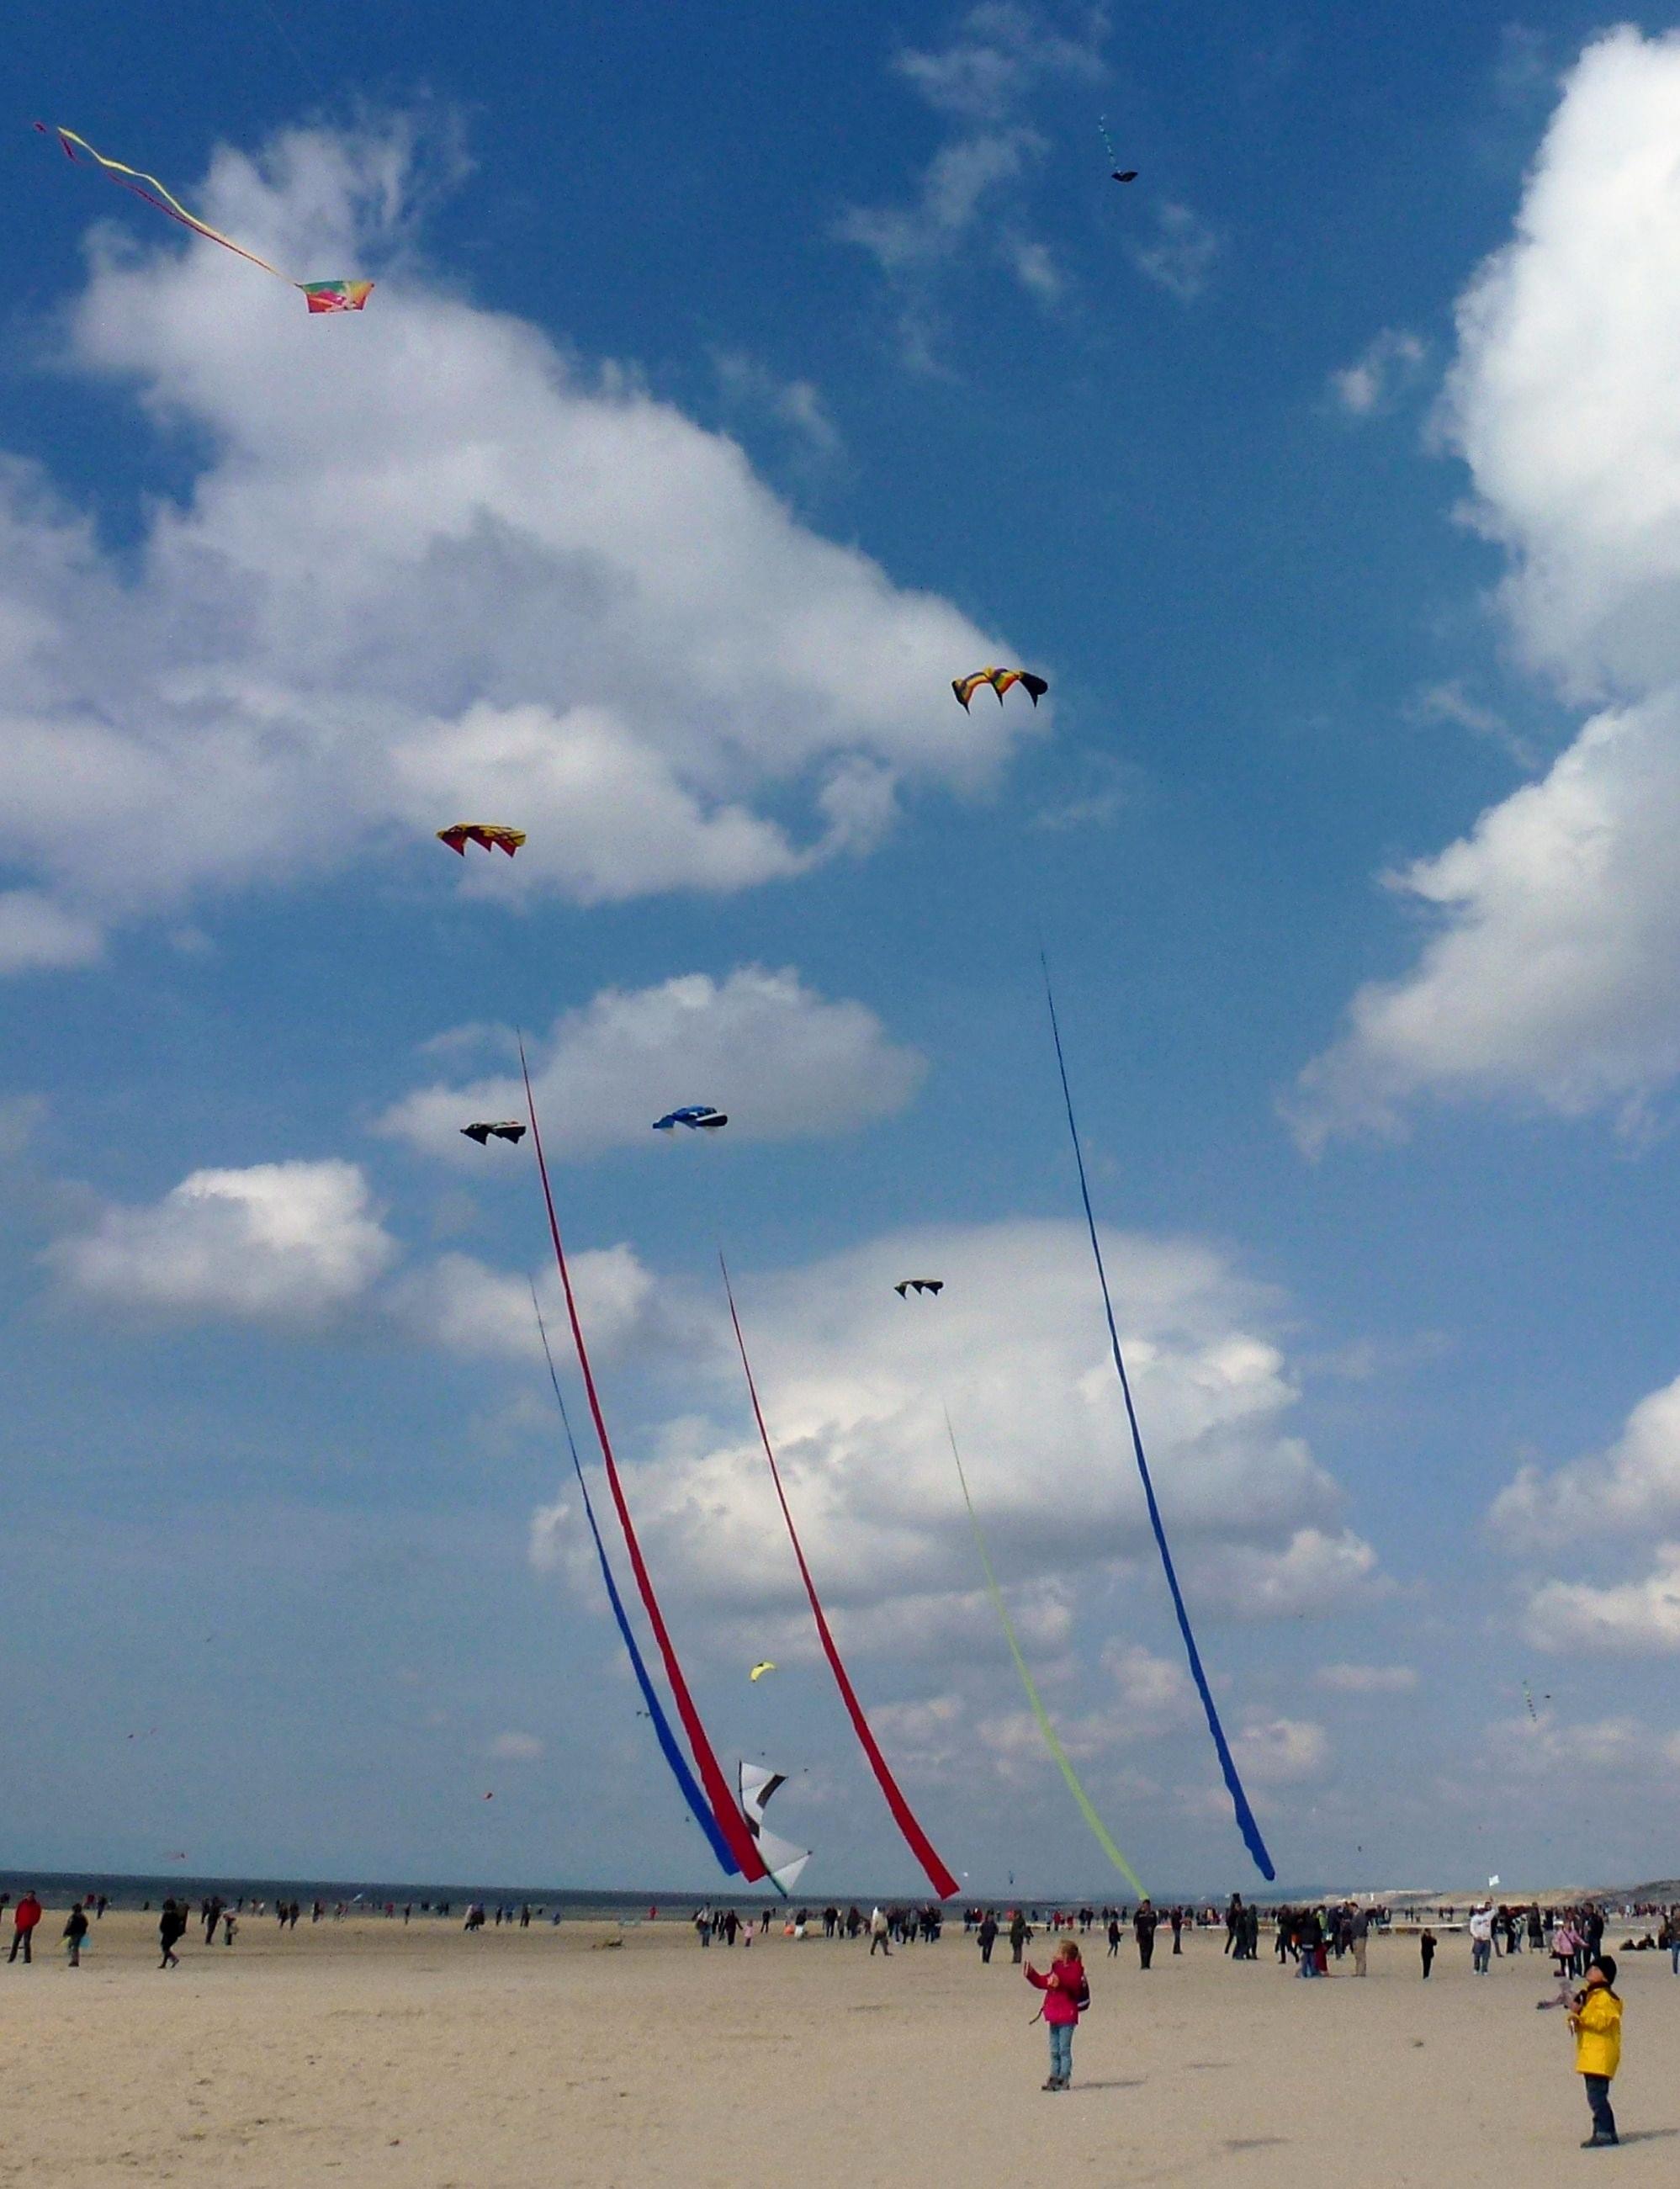 Les 33e rencontres internationales de cerfs-volants de Berck-sur-mer.